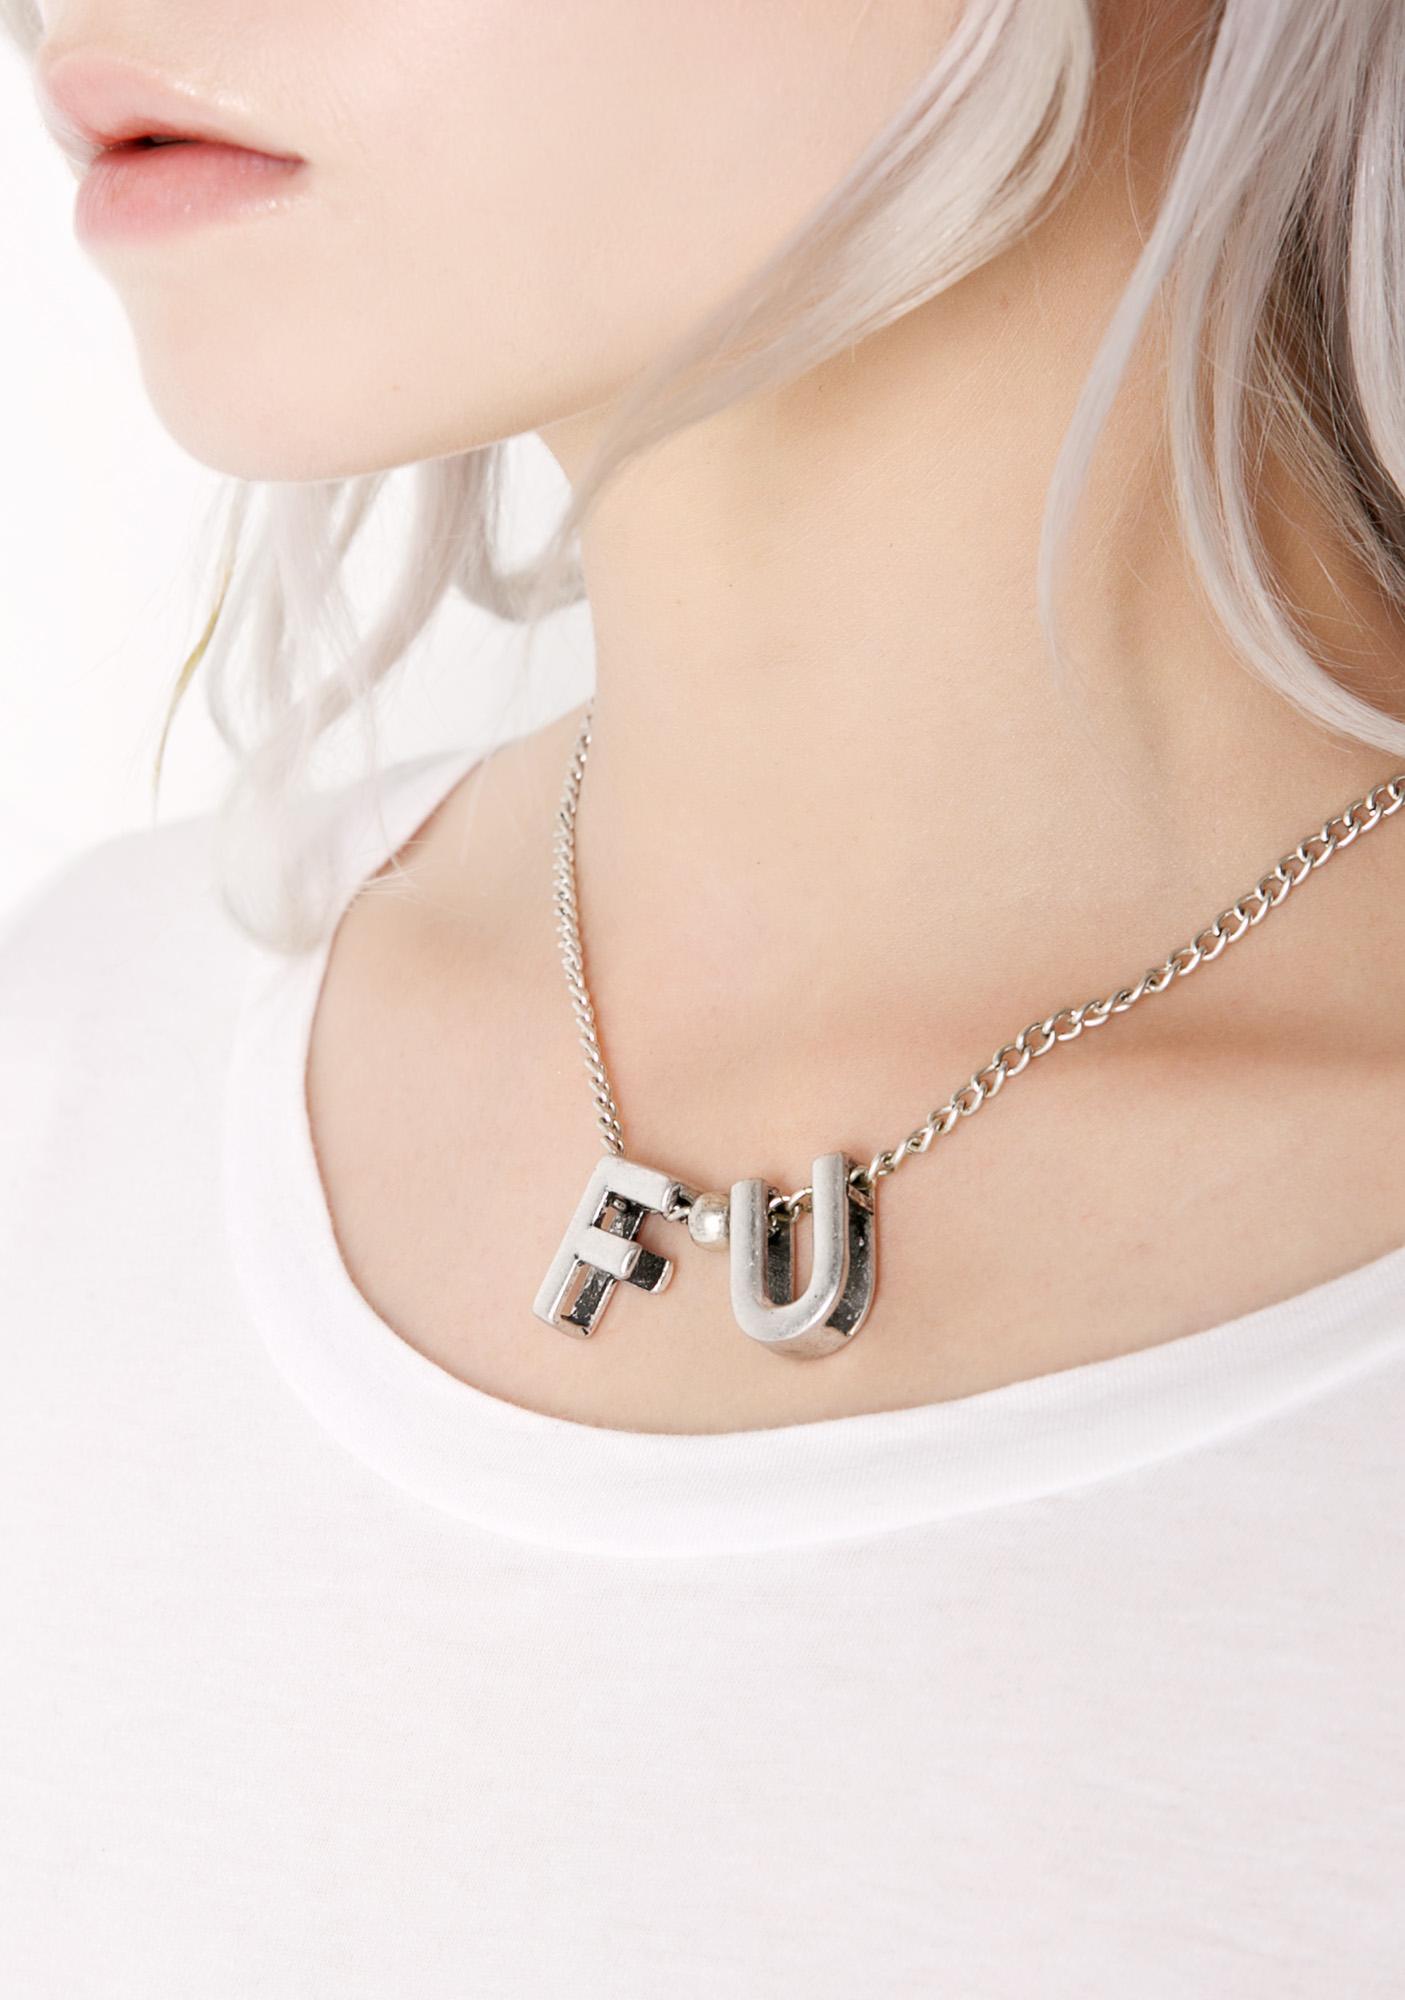 F-U Too Necklace